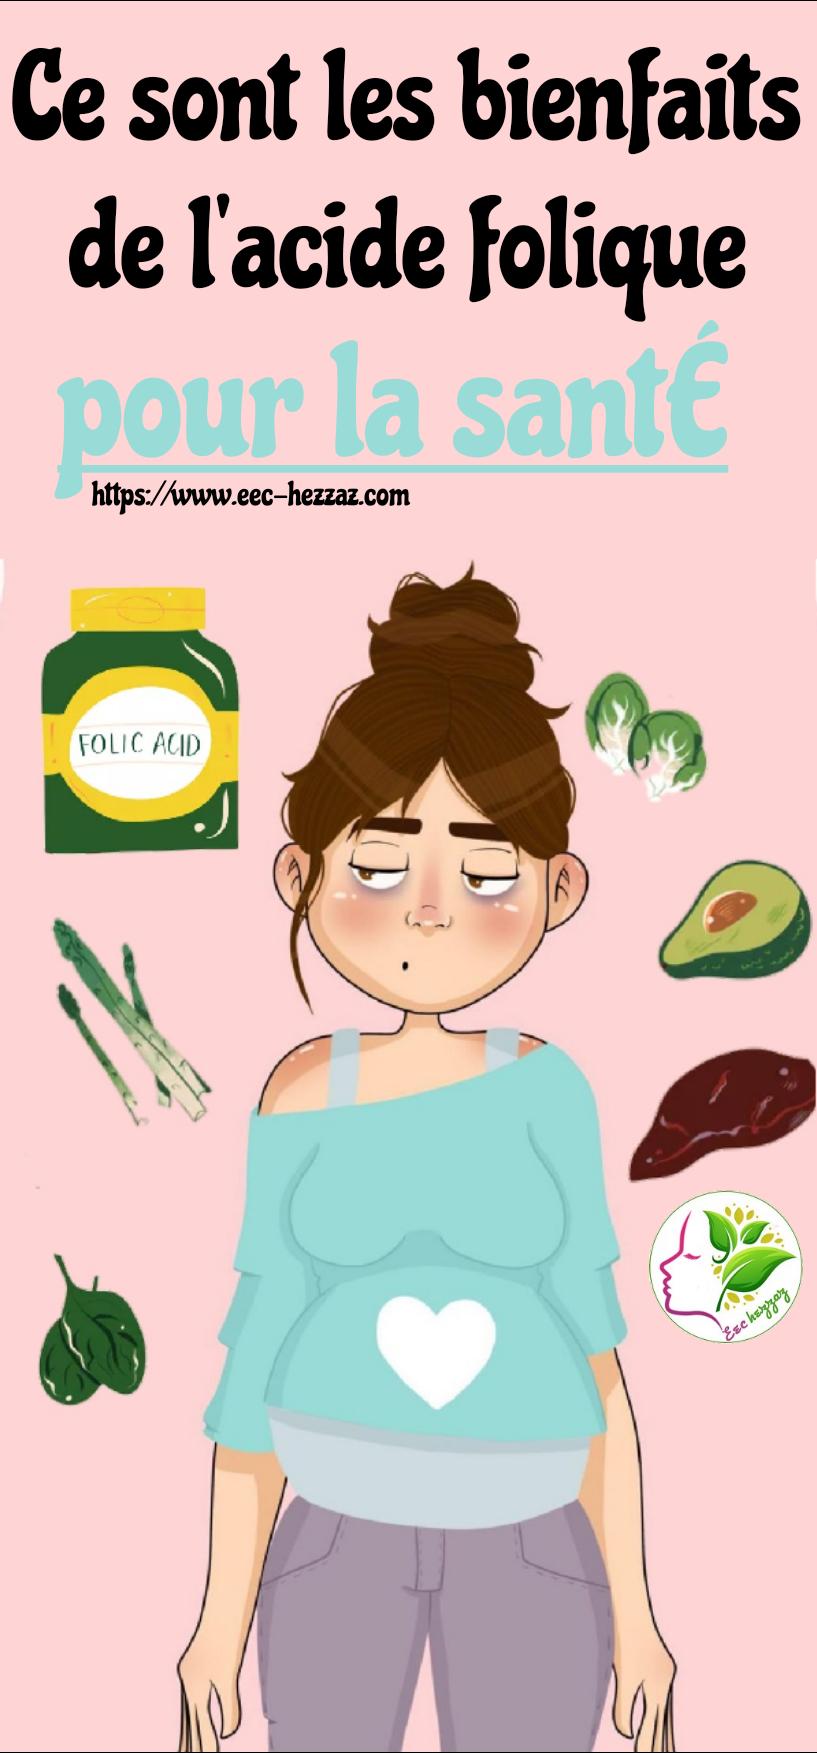 Ce sont les bienfaits de l'acide folique pour la santé